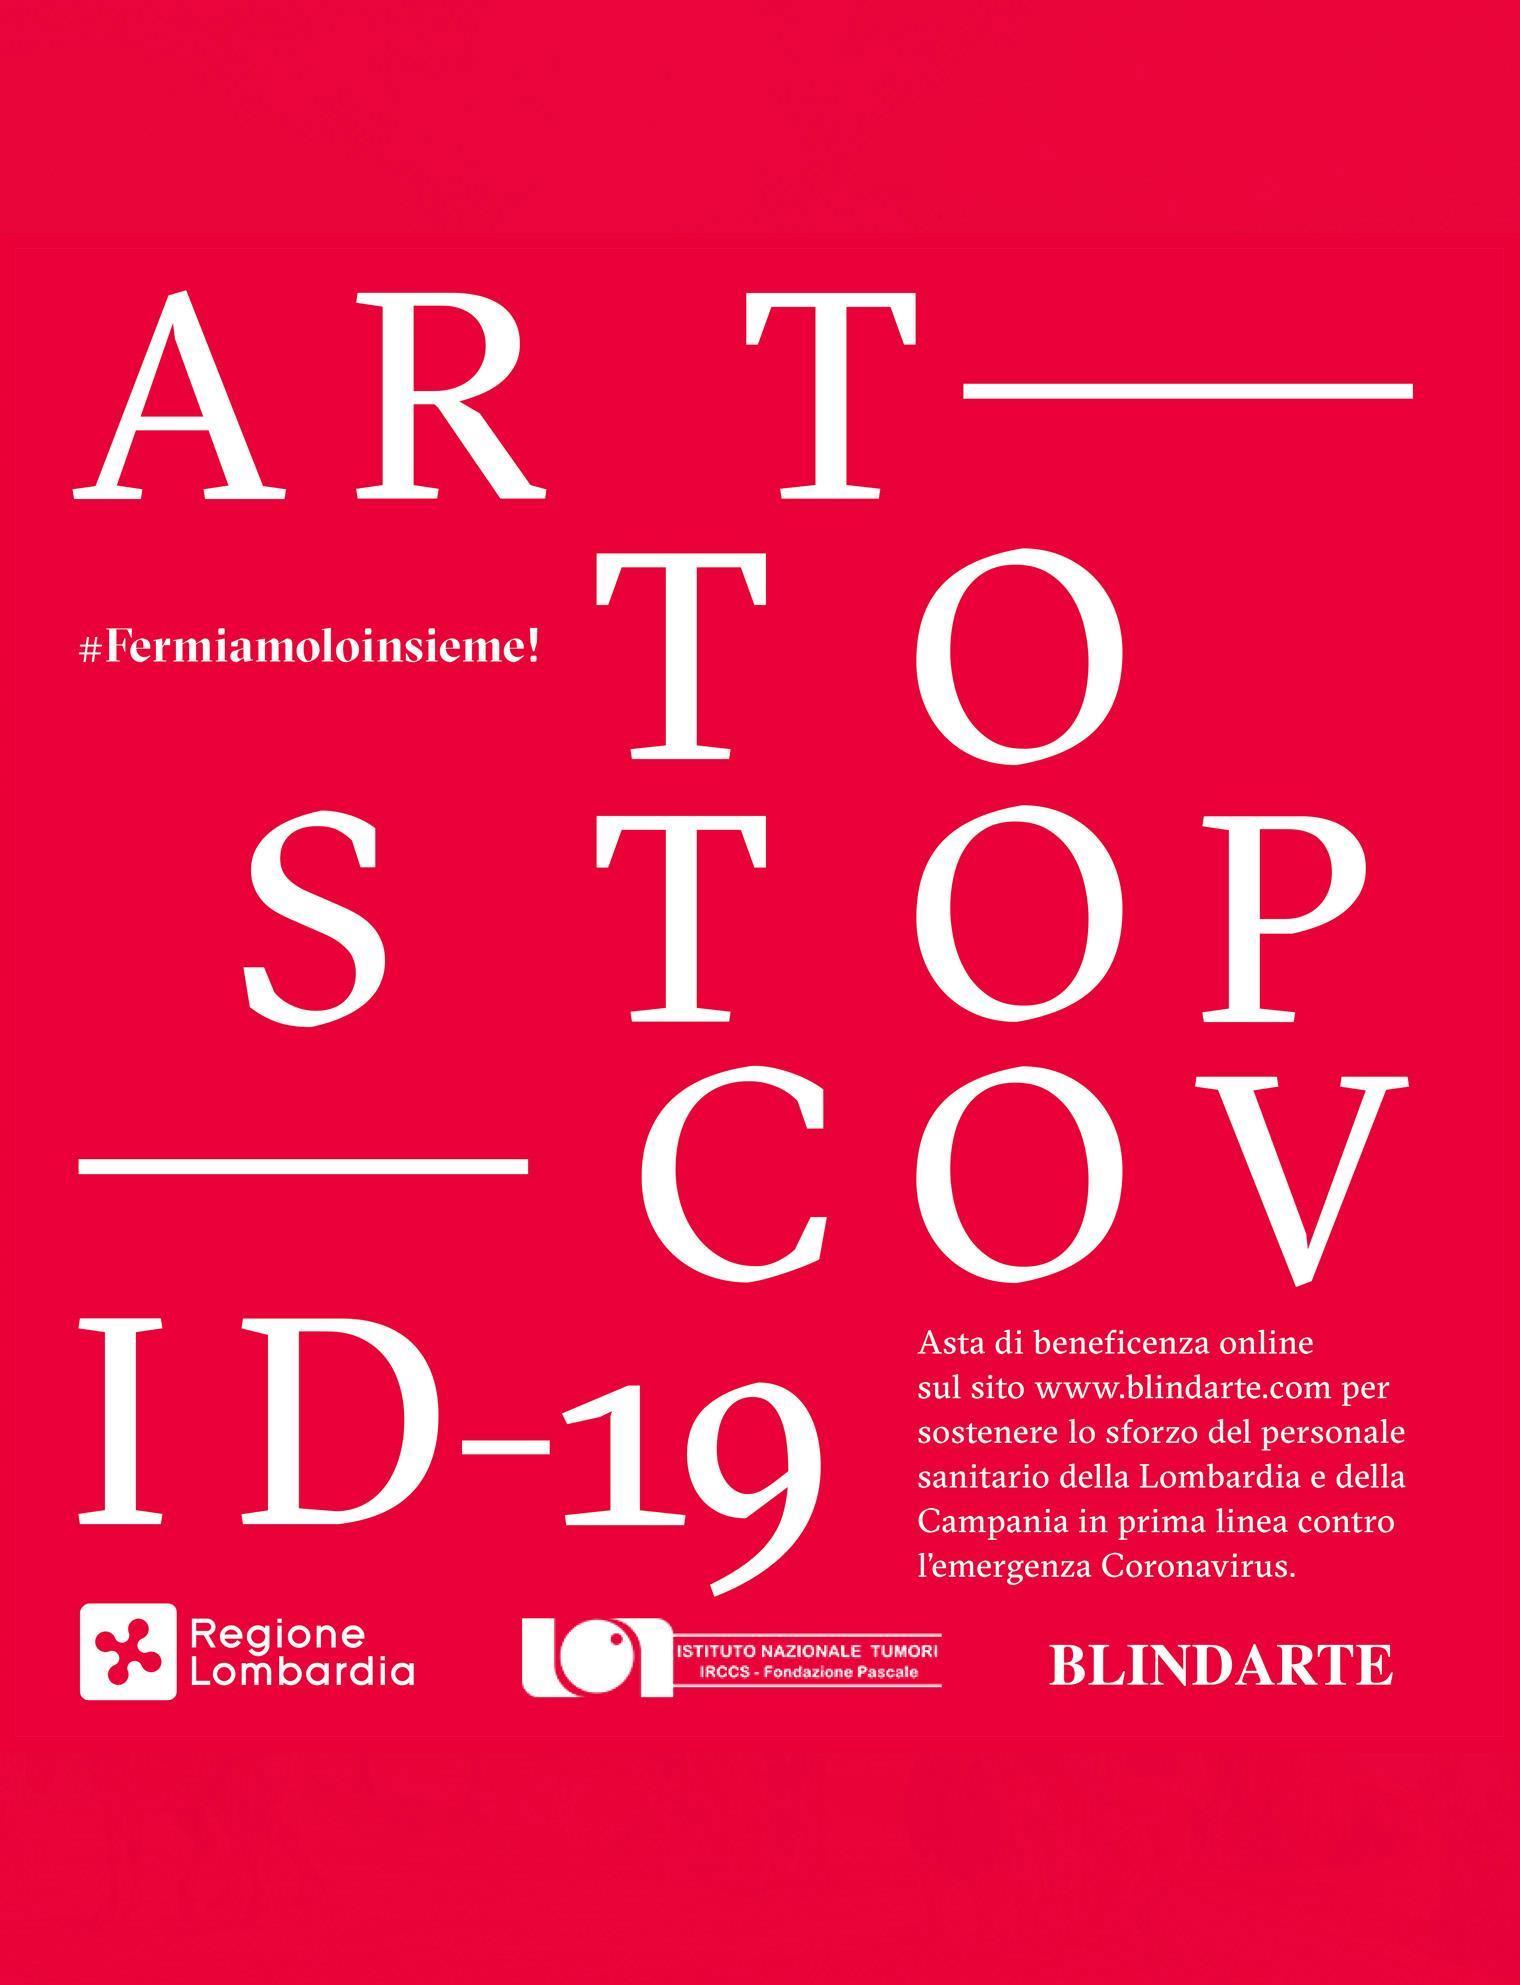 Blindarte propone una vendita di opere di importanti artisti italiani contemporanei per raccogliere fondi contro il Covid-19